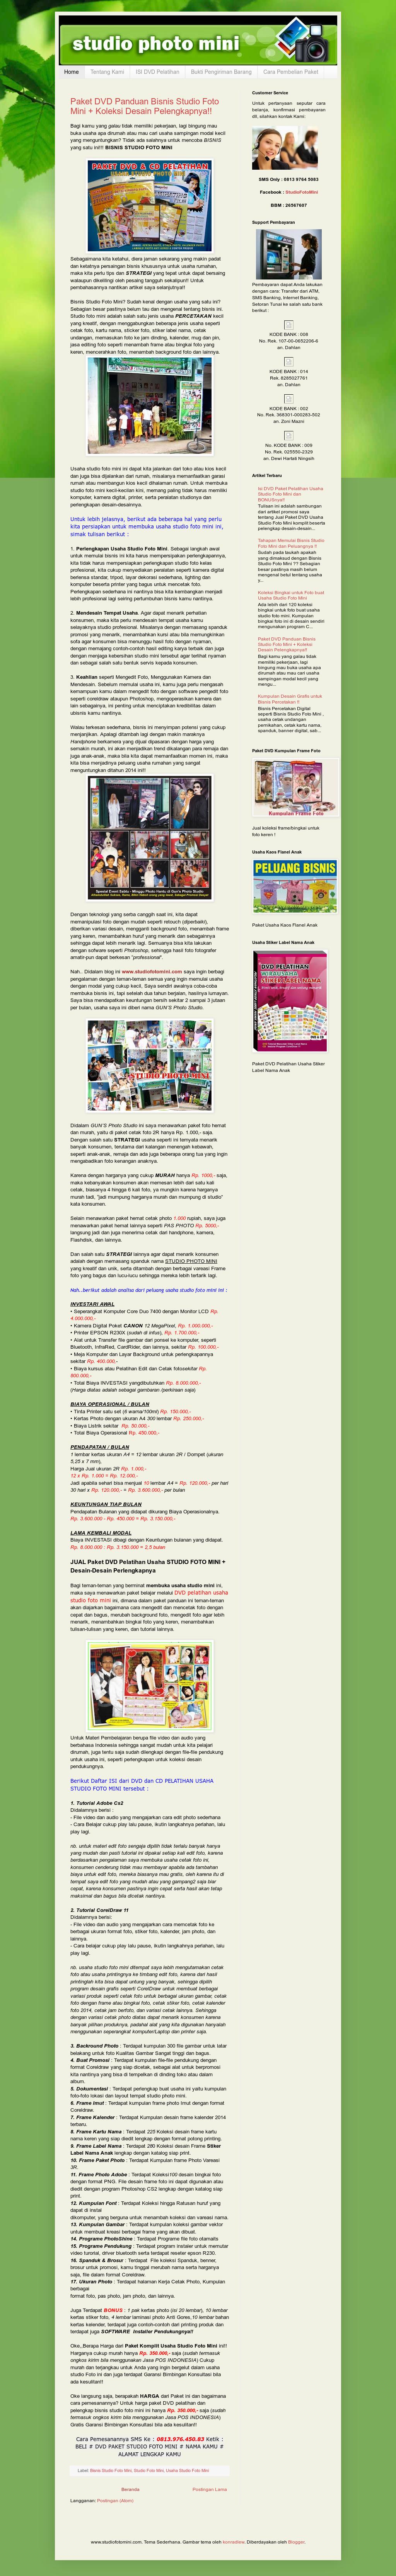 Download 98 Koleksi Background Kelas Yg Keren HD Paling Keren